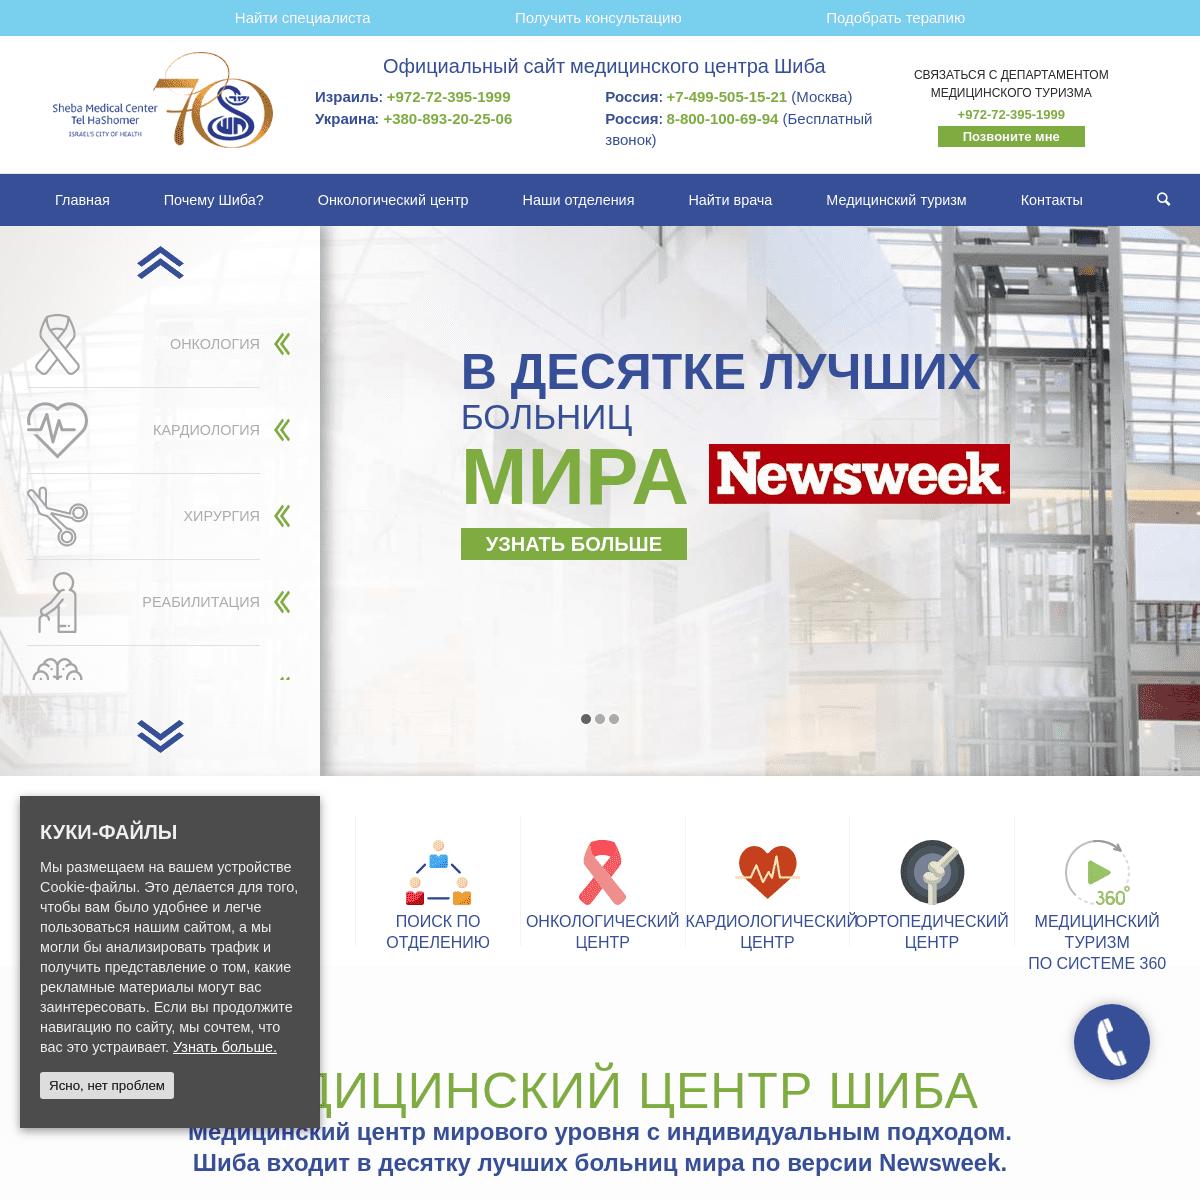 ArchiveBay.com - shebaonline.ru - Медицинский центр Шиба, Израиль - Официальный сайт